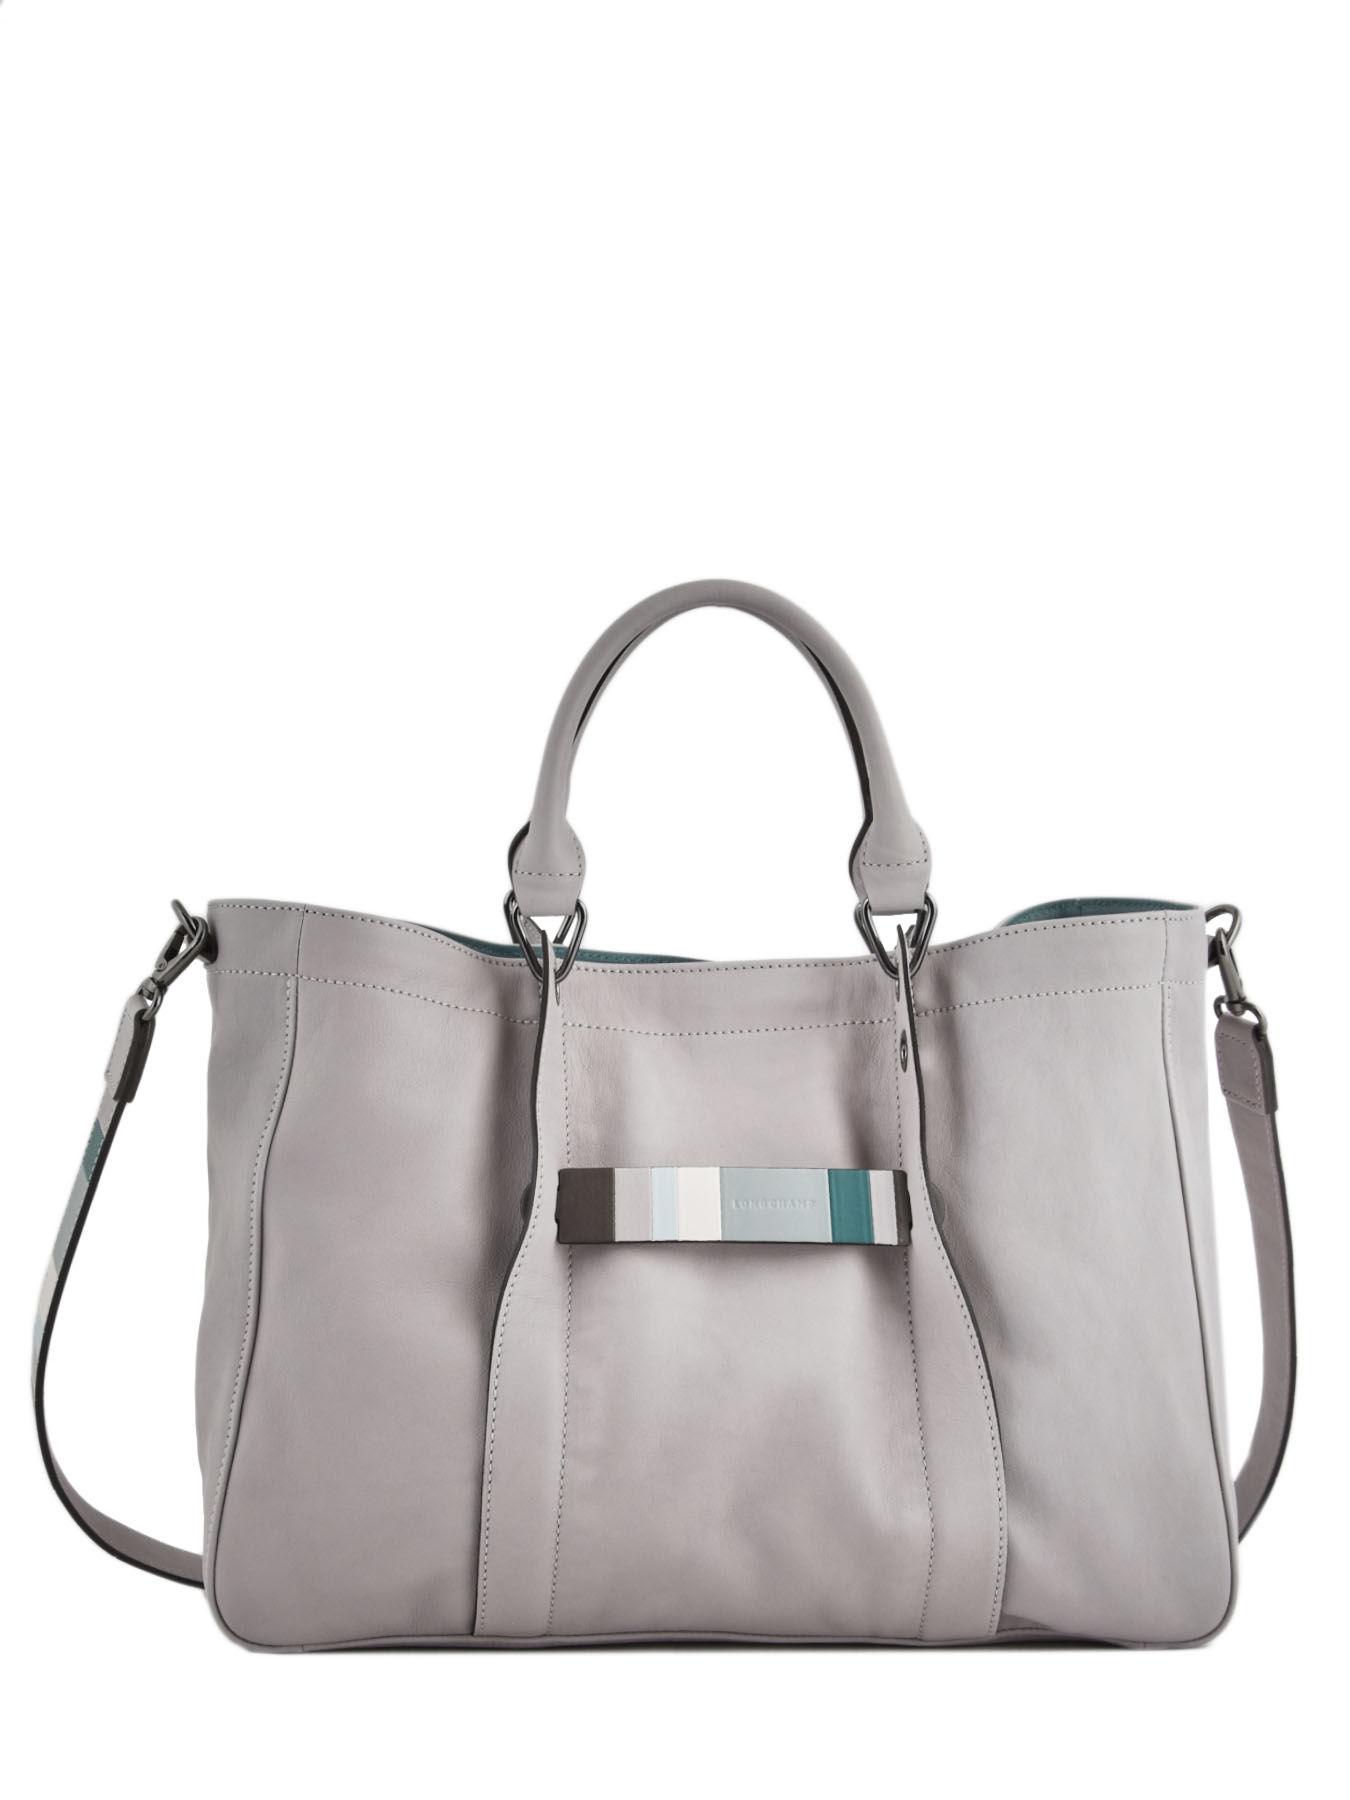 3a85251f96e ... Longchamp Longchamp 3d gÉomÉtrique Handbag Gray ...